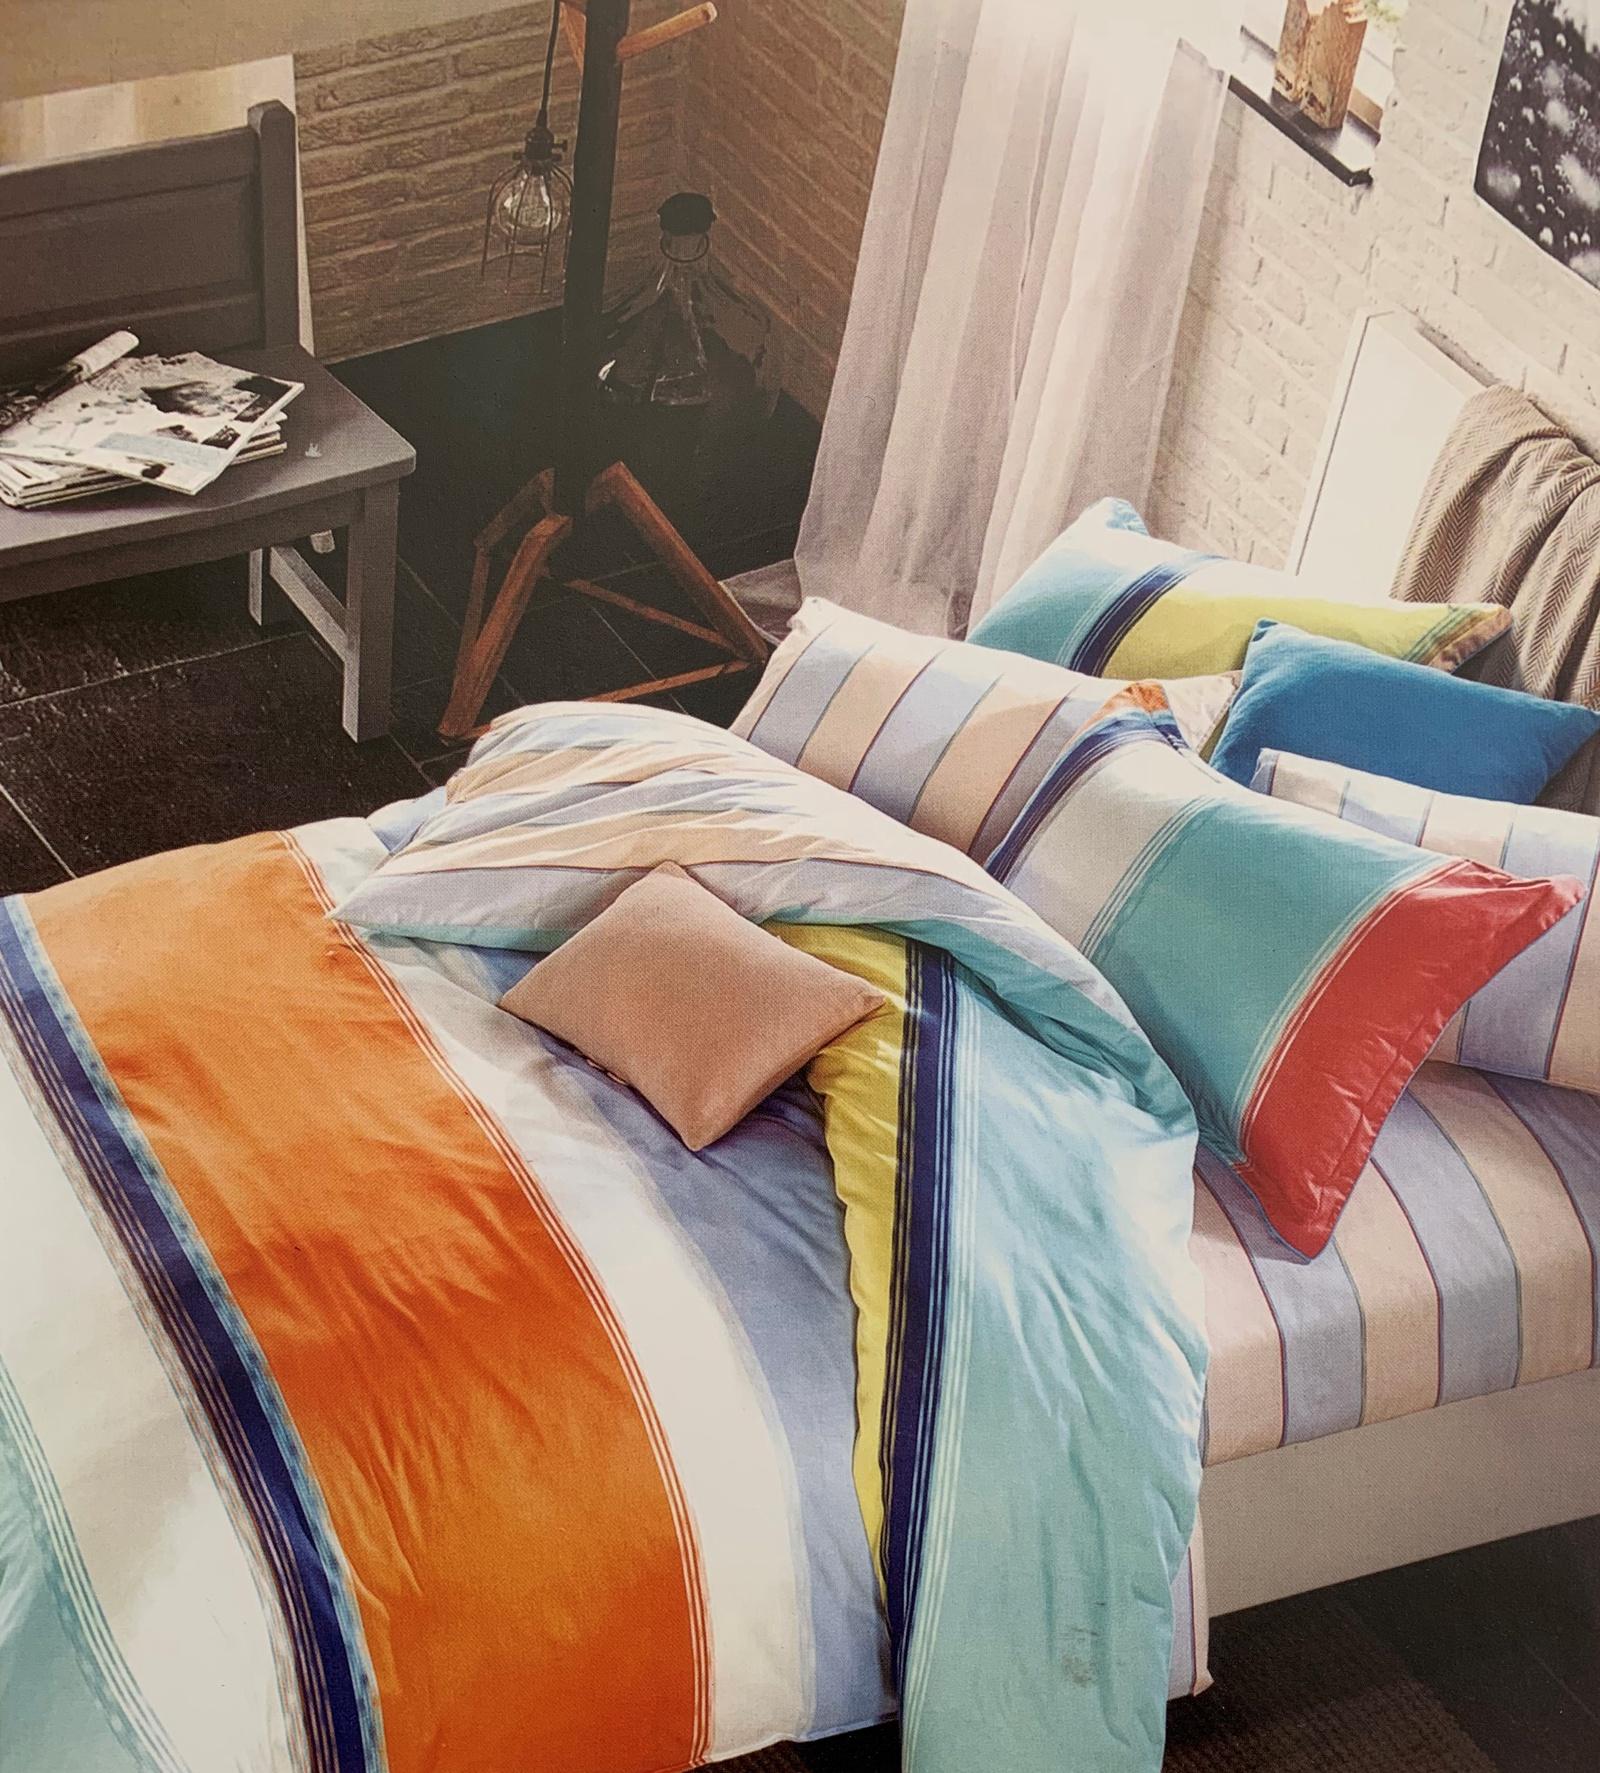 Комплект постельного белья BUTTERFLYрис.691, разноцветныйУТ000008794Постельное белье BUTTERFLY сатин сможет отлично дополнить абсолютно любой интерьер. Удивительно мягкий, качественный материал, обеспечивающий необходимый комфорт.